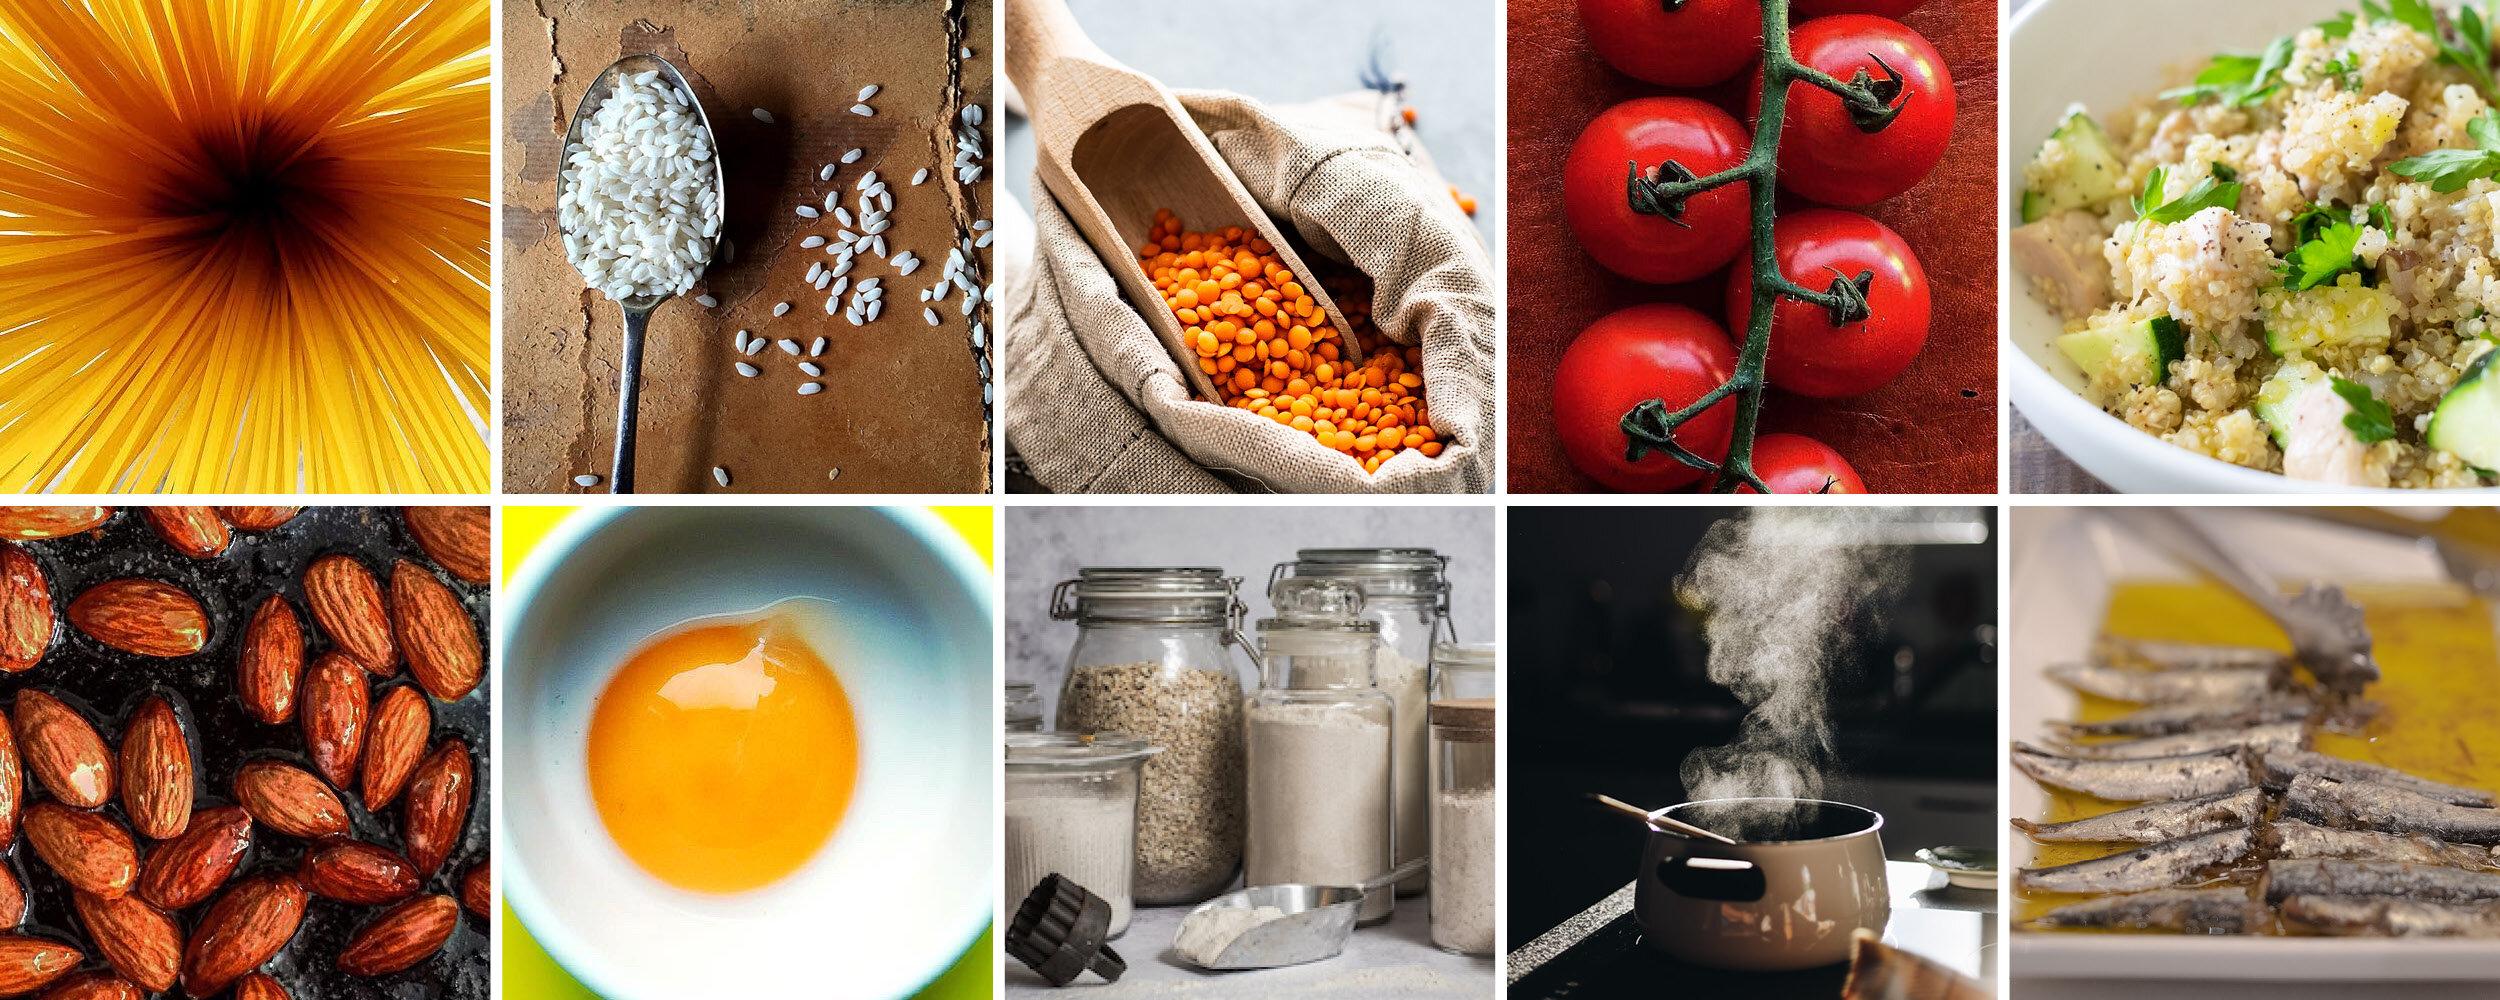 10 Essential Pantry Ingredients